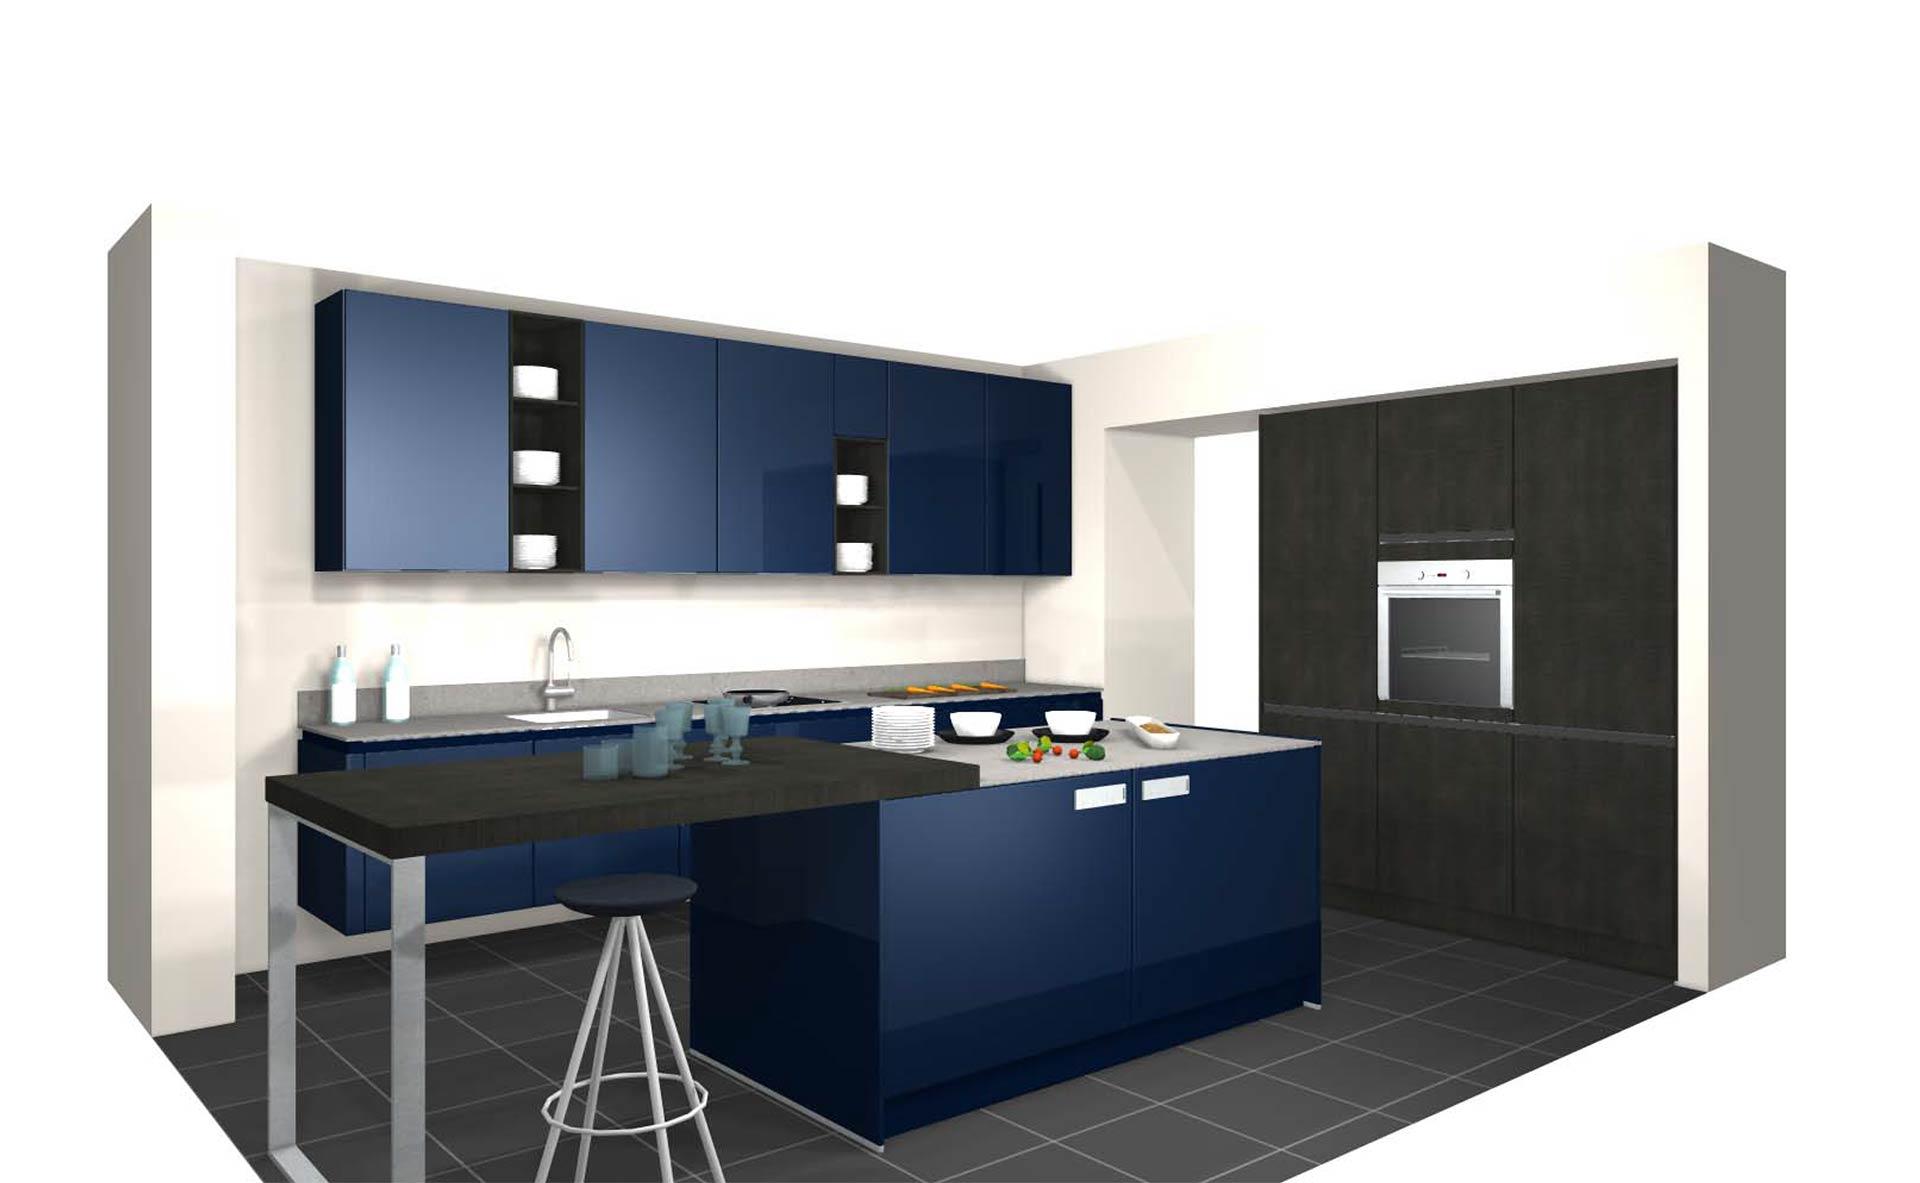 Individuelle küchenplanung  Individuelle Küchenplanung in Pockau - Möbel u. Küchen Schmutzler ...